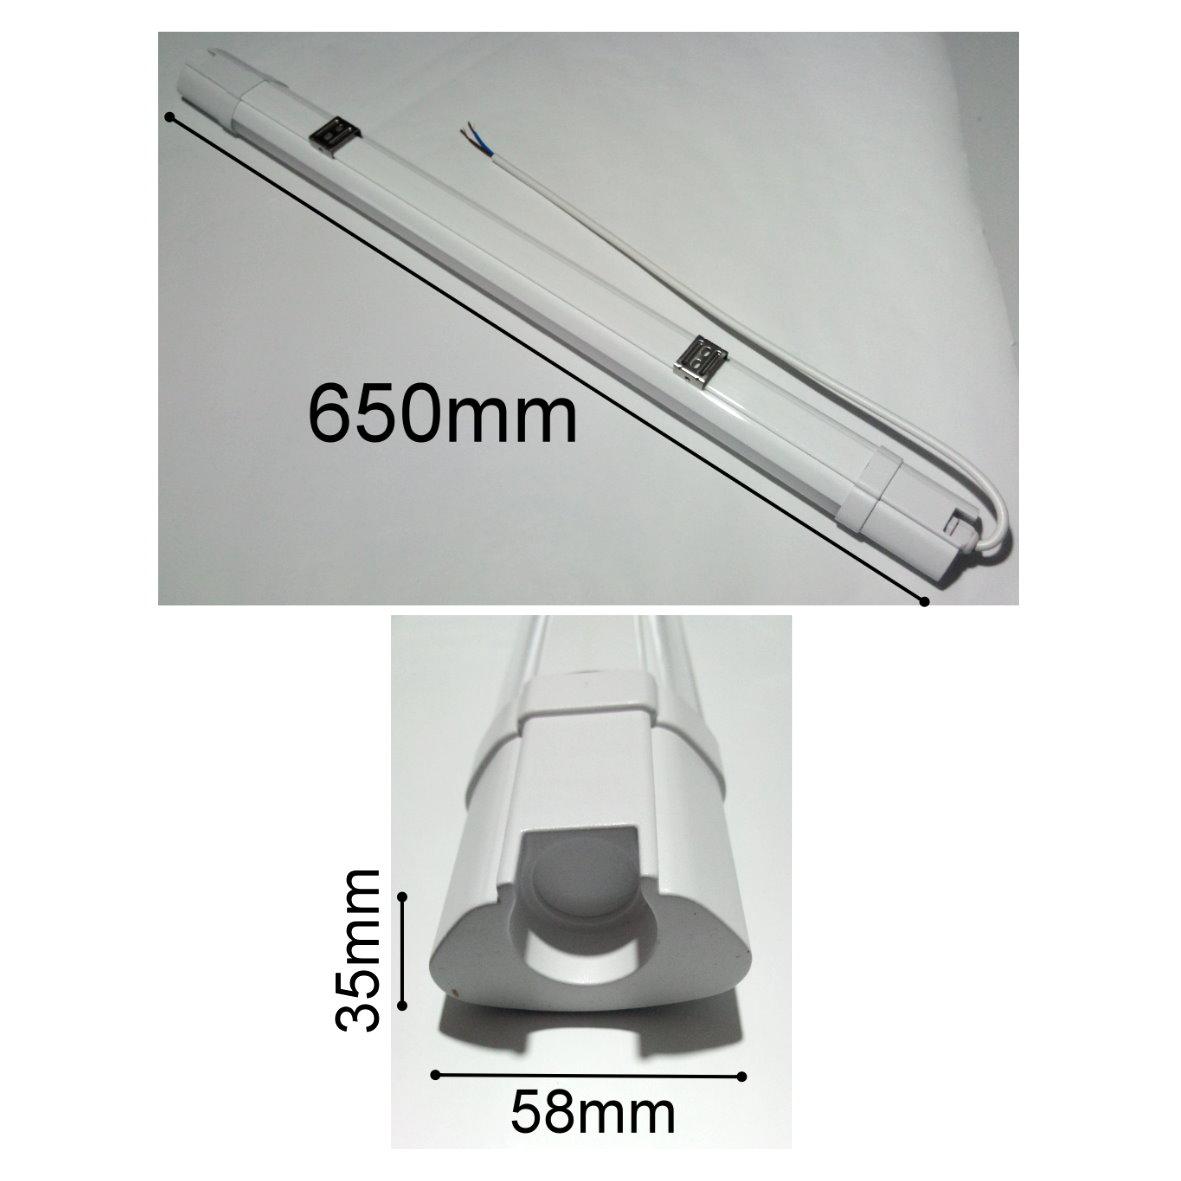 Led 18w Ip65 Slim Feuchtraum Wannenleuchte 230v Lichtleiste